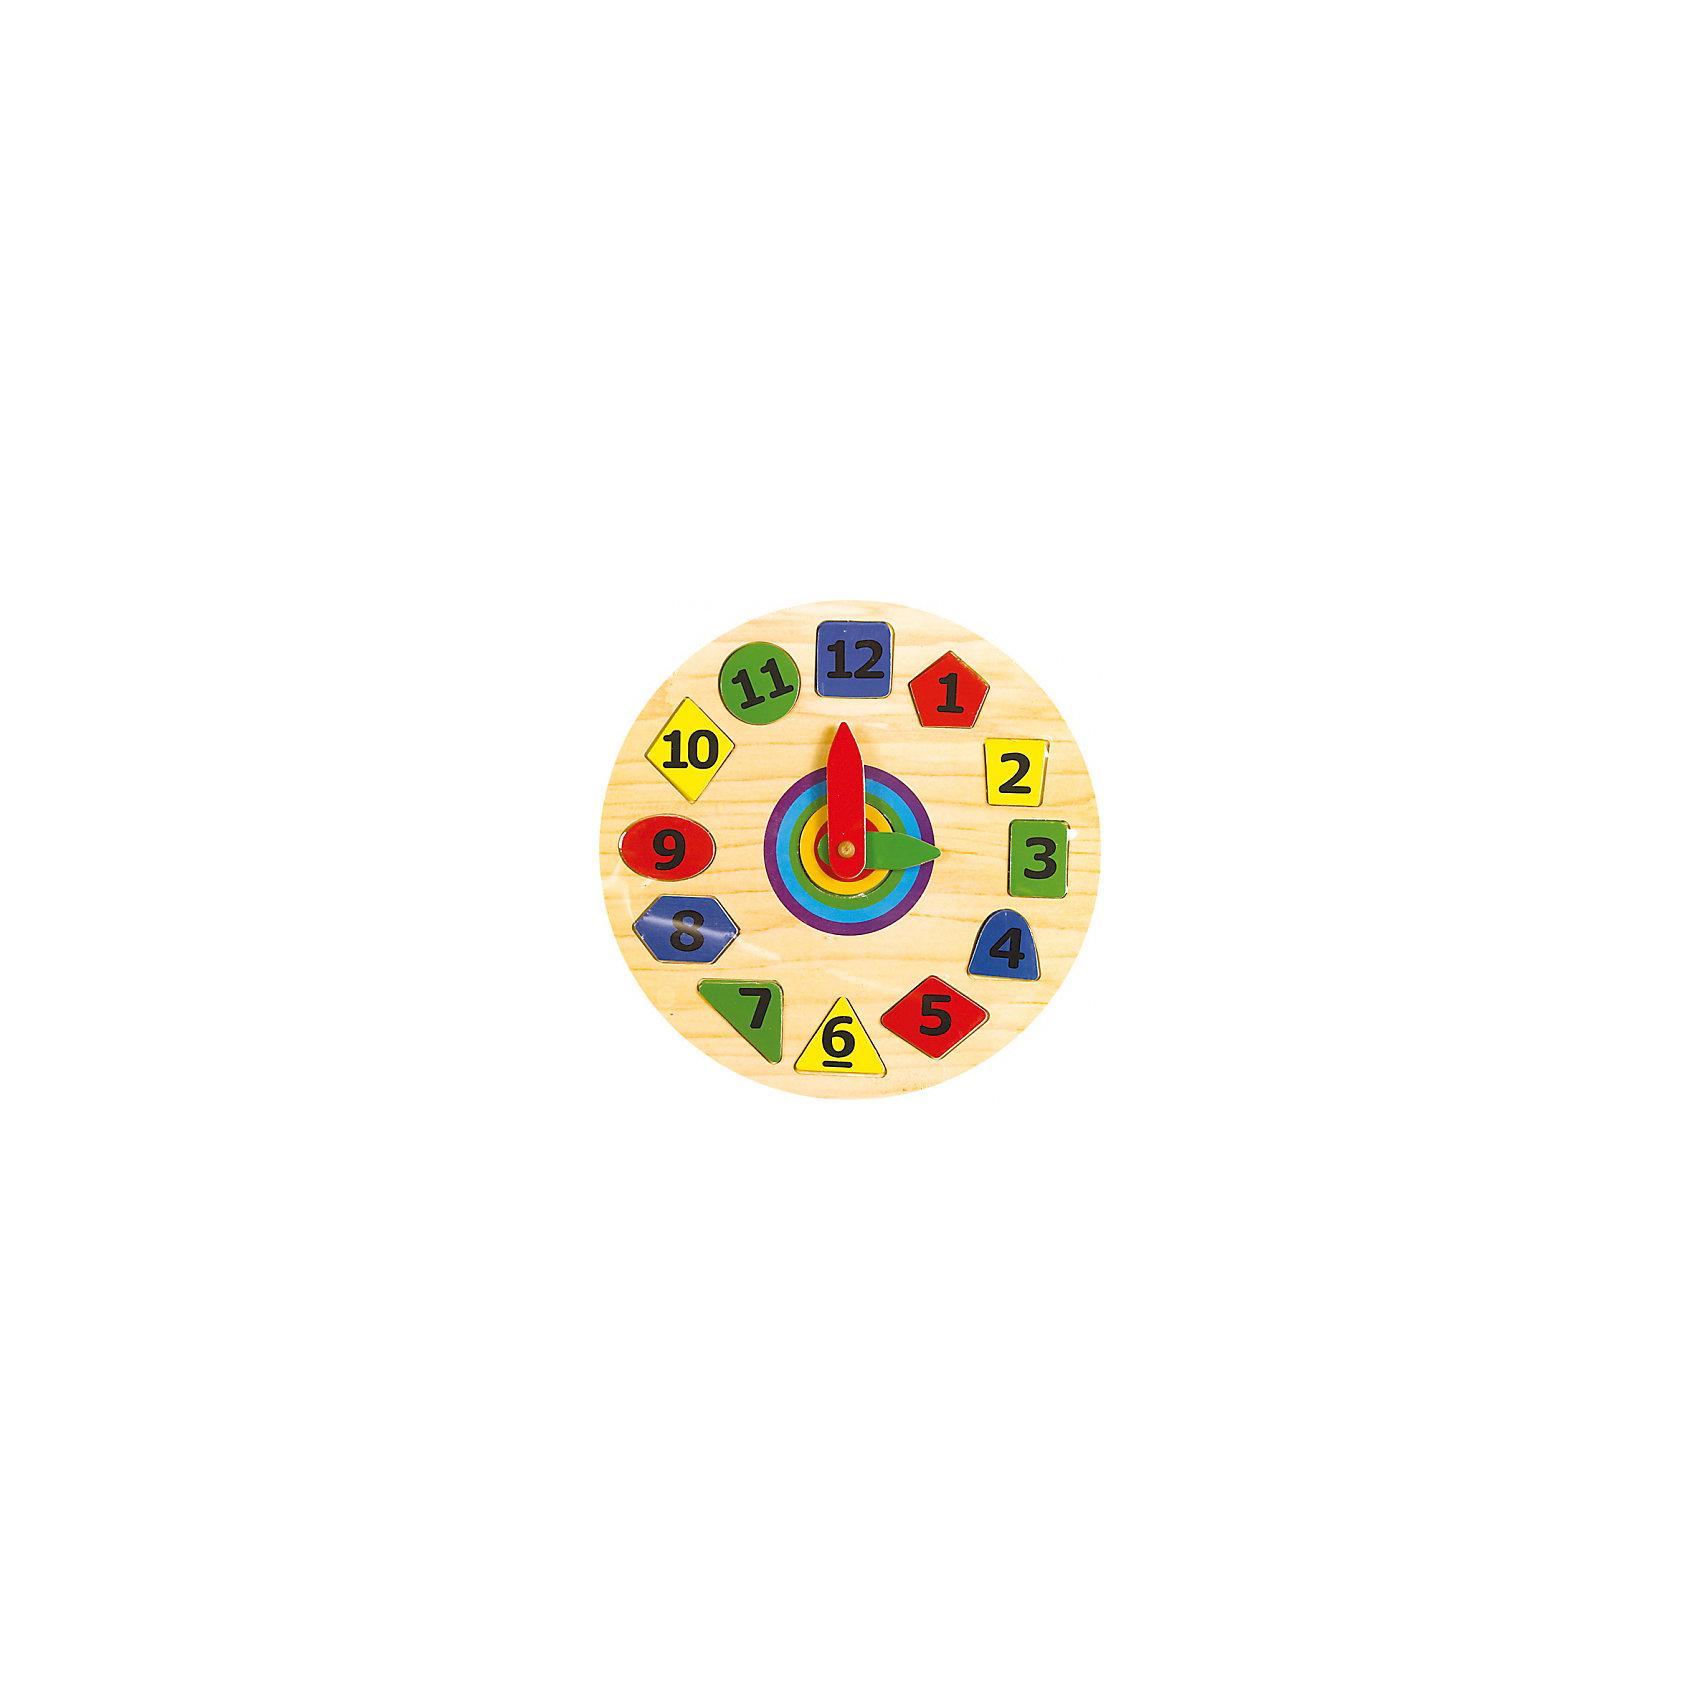 Часы геометрия, Мир деревянных игрушекЧасы геометрия – позволяют не только выучить время, цифры и цвета, но и форму. <br>Игрушка состоит из поля с углублениями, в которое ребенок сам вставляет фигуры. Таким образом, изучая форму и порядок цифр. Разноцветные яркие цифры и само поле изготовлены из качественной древесины, что делает весь комплект безопасным для ребенка.<br><br>Дополнительная информация:<br>- размер: 275х20х275<br>- вес: 400г<br>- материал: дерево <br>- возраст: от 3 лет<br><br>Часы геометрия можно купить в нашем интернет-магазине.<br><br>Ширина мм: 275<br>Глубина мм: 20<br>Высота мм: 275<br>Вес г: 400<br>Возраст от месяцев: 36<br>Возраст до месяцев: 2147483647<br>Пол: Унисекс<br>Возраст: Детский<br>SKU: 4895875